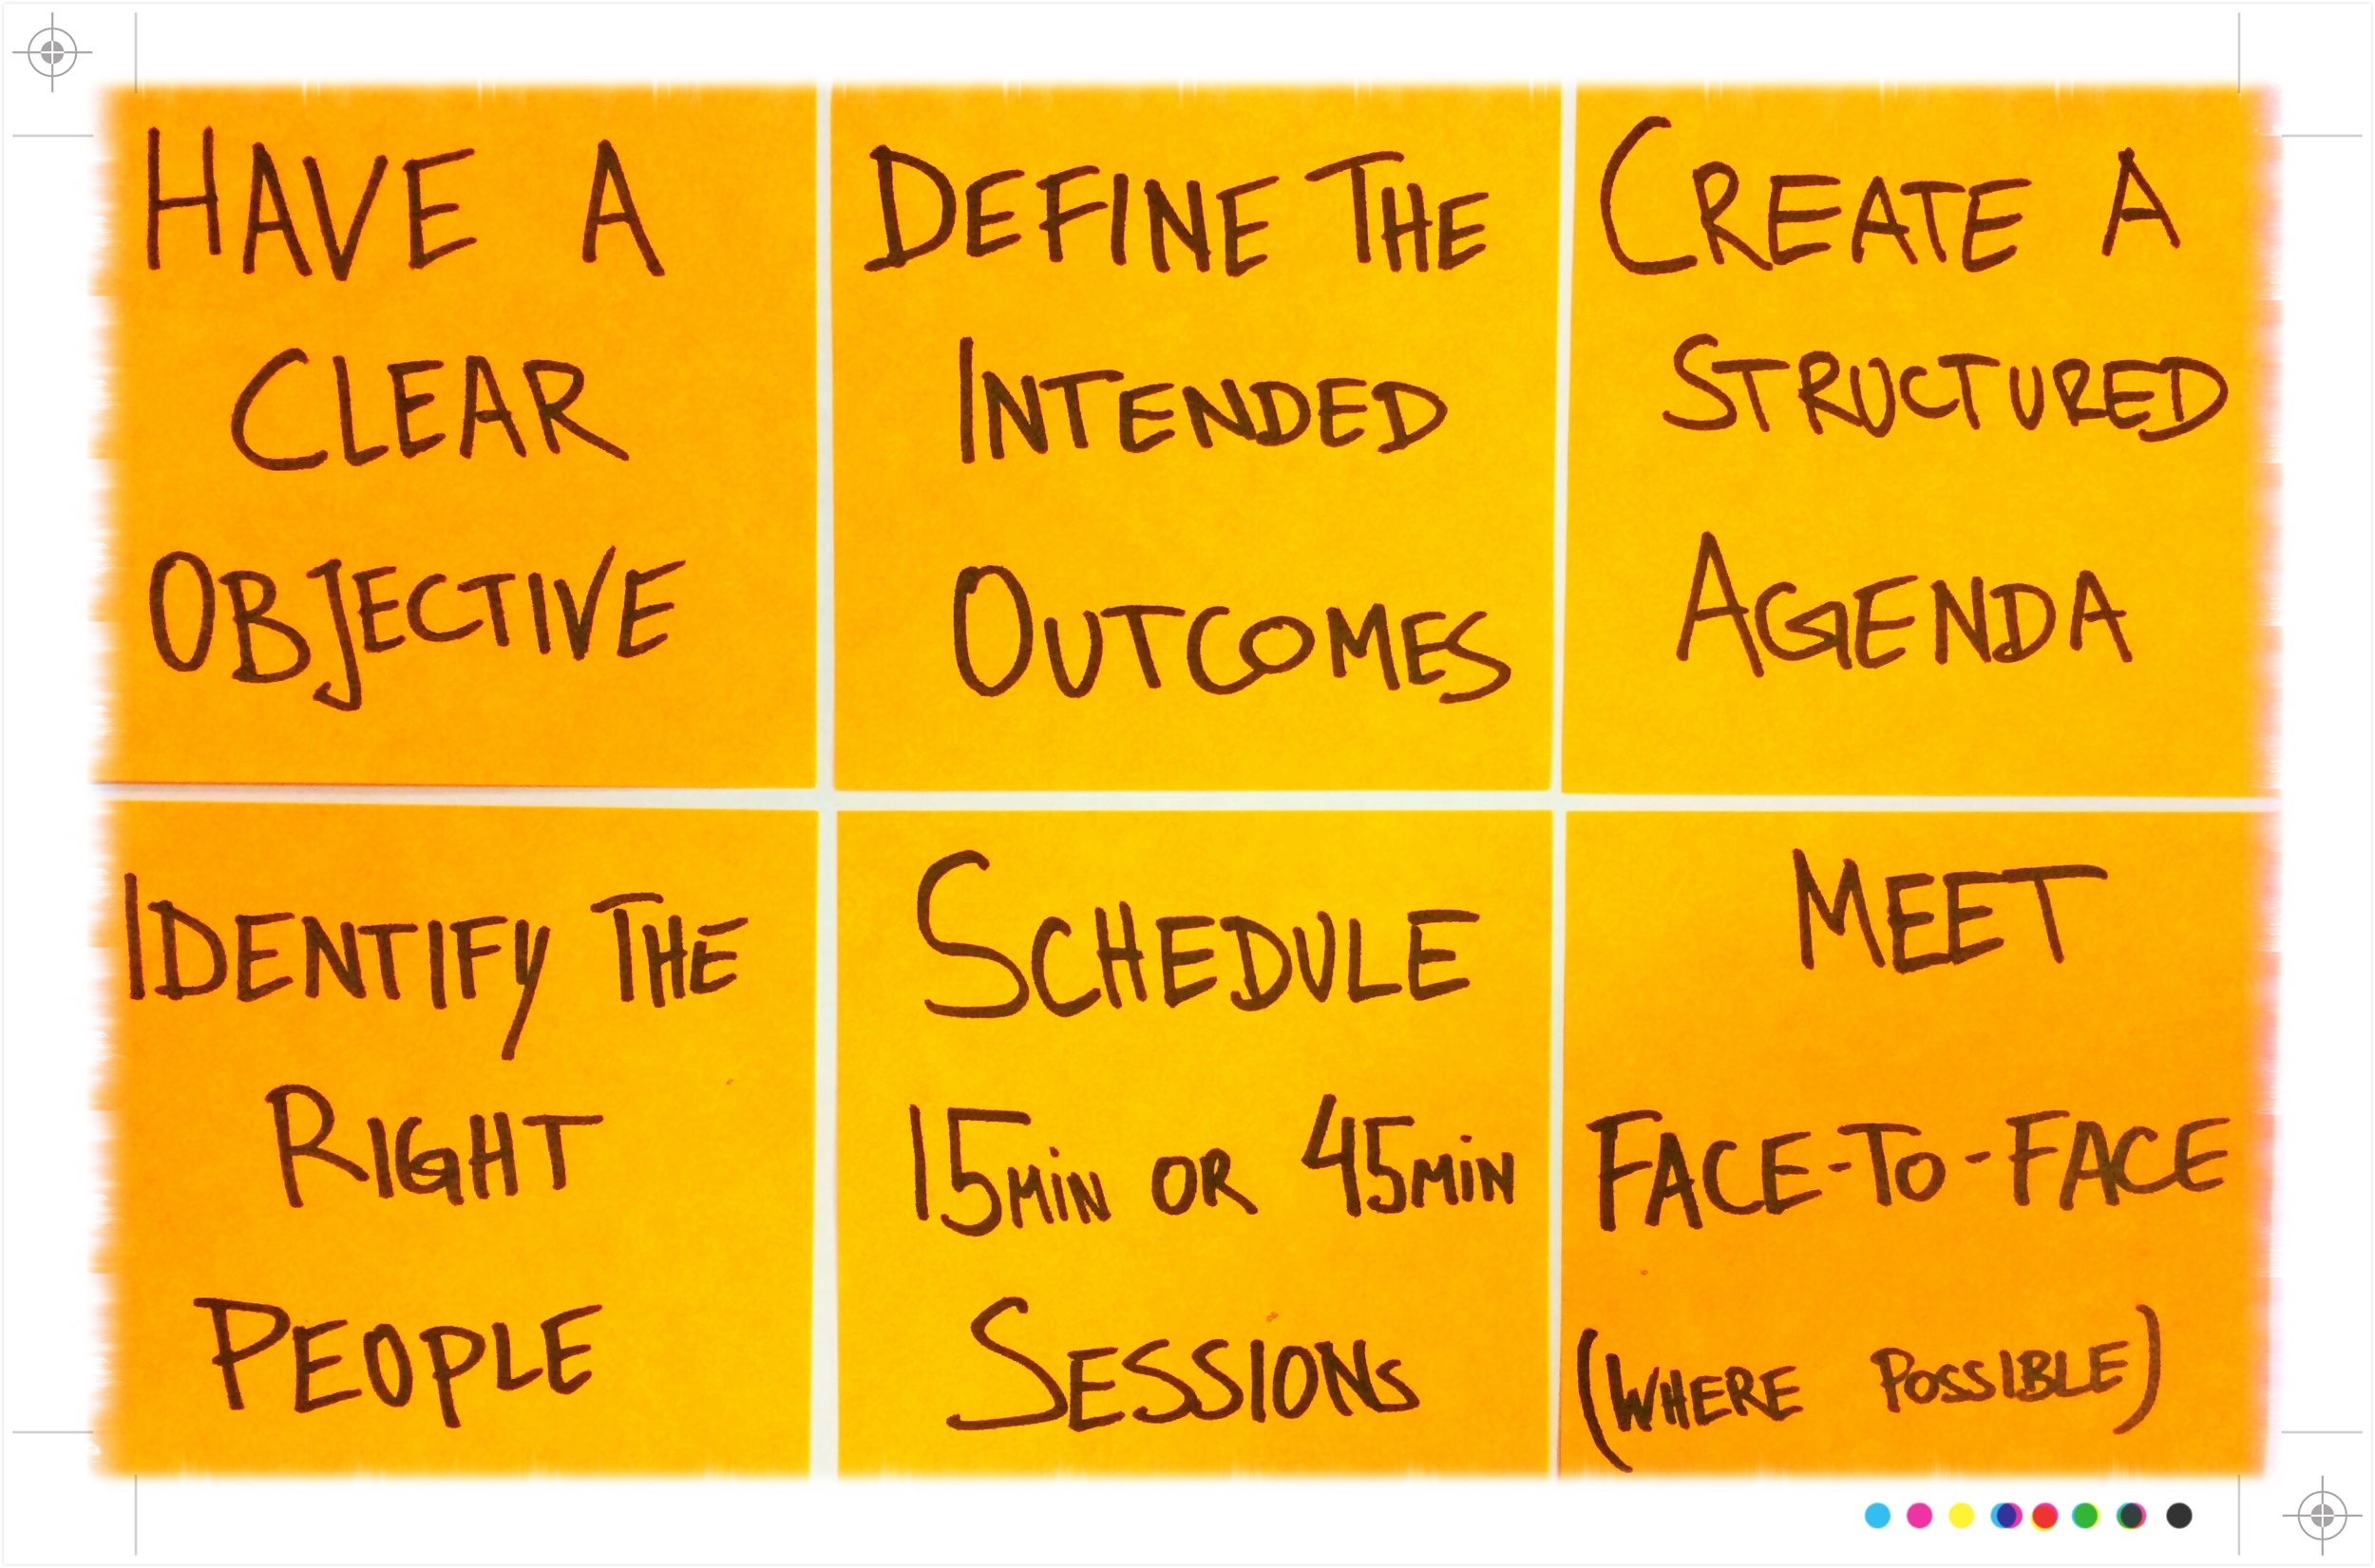 Effective Meetings - Before the meeting